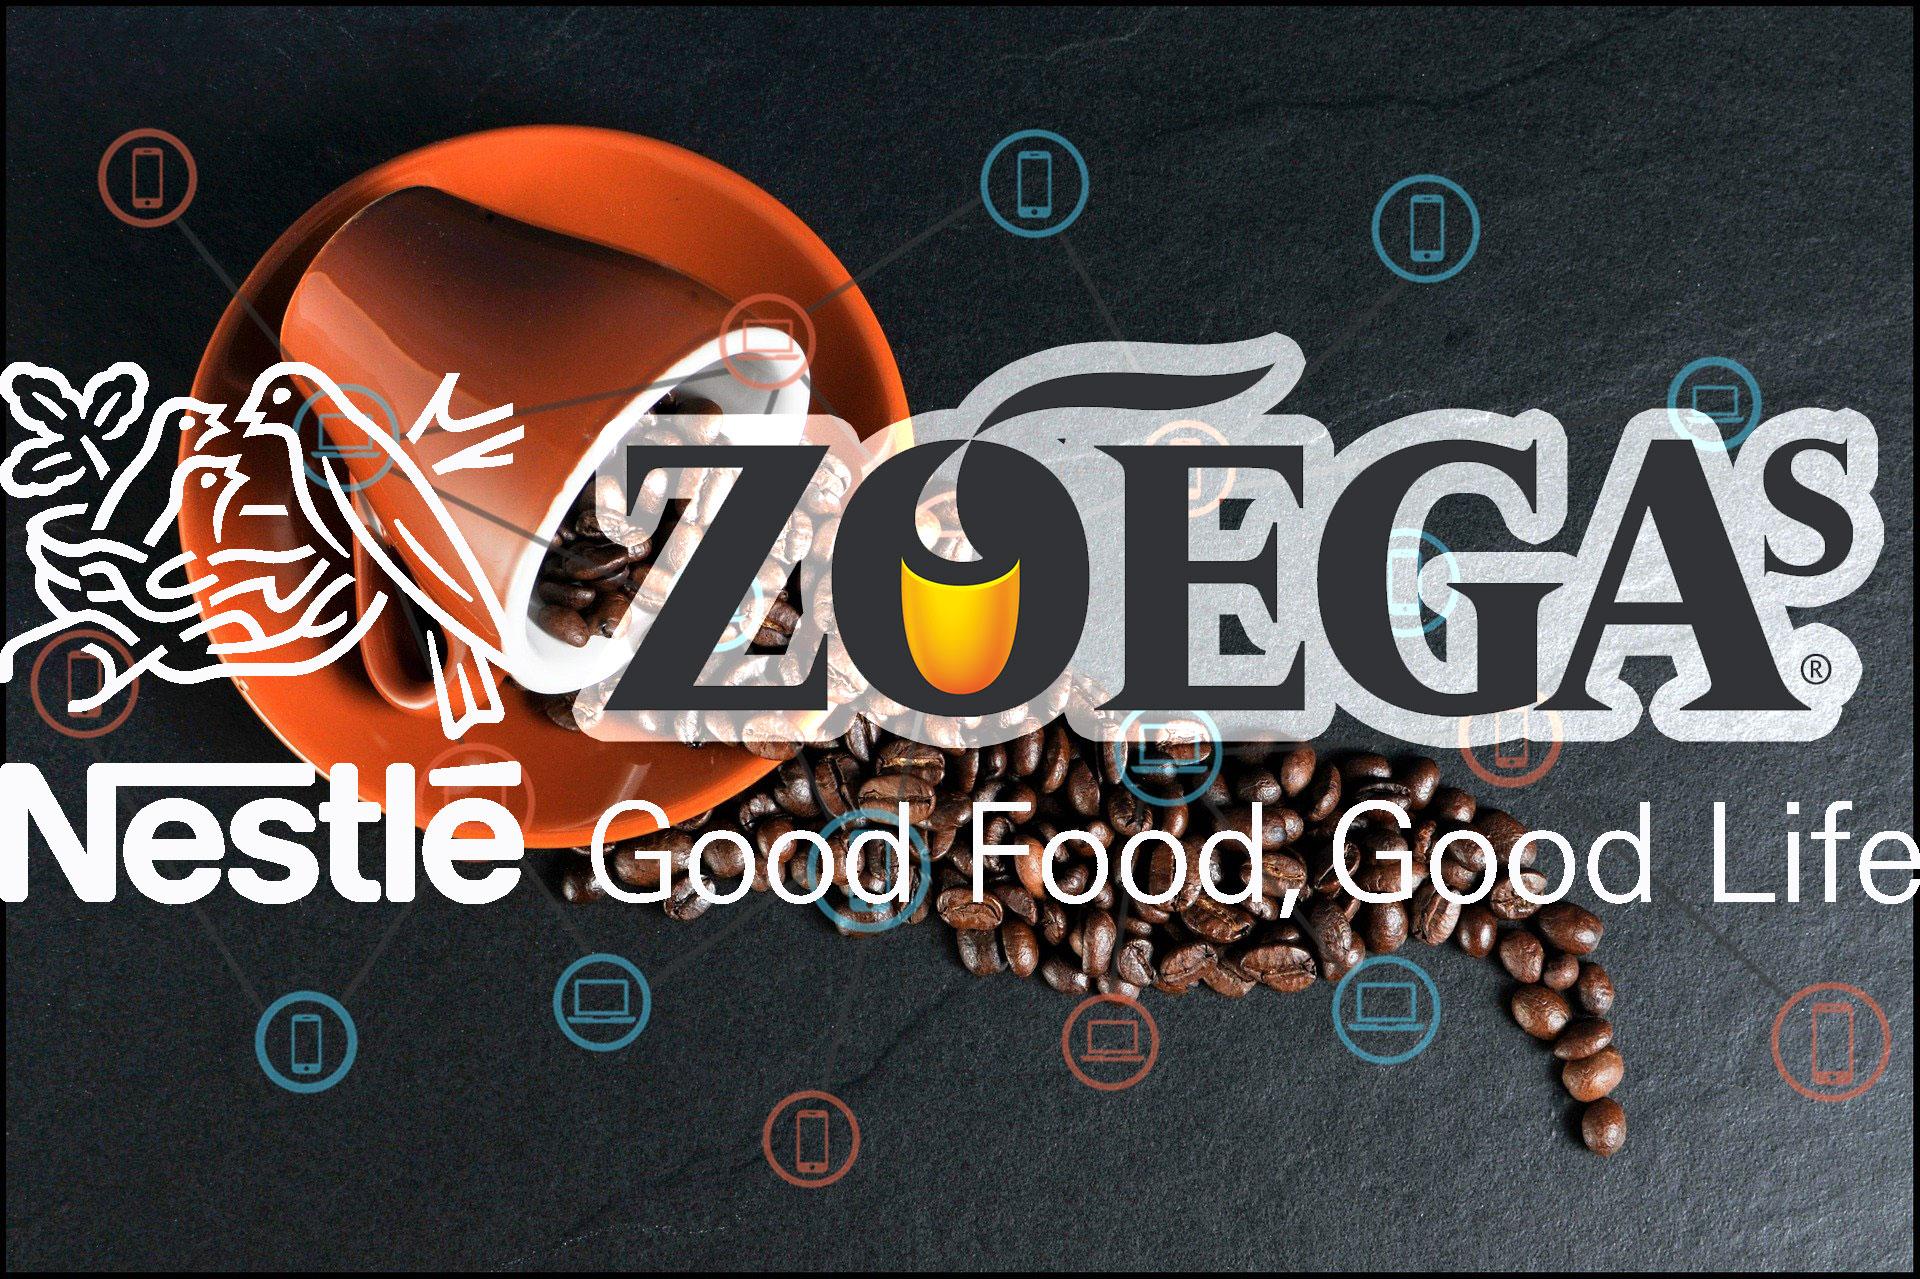 ネスレが食品追跡ネットワークFood Trustにブランドコーヒー豆を追加